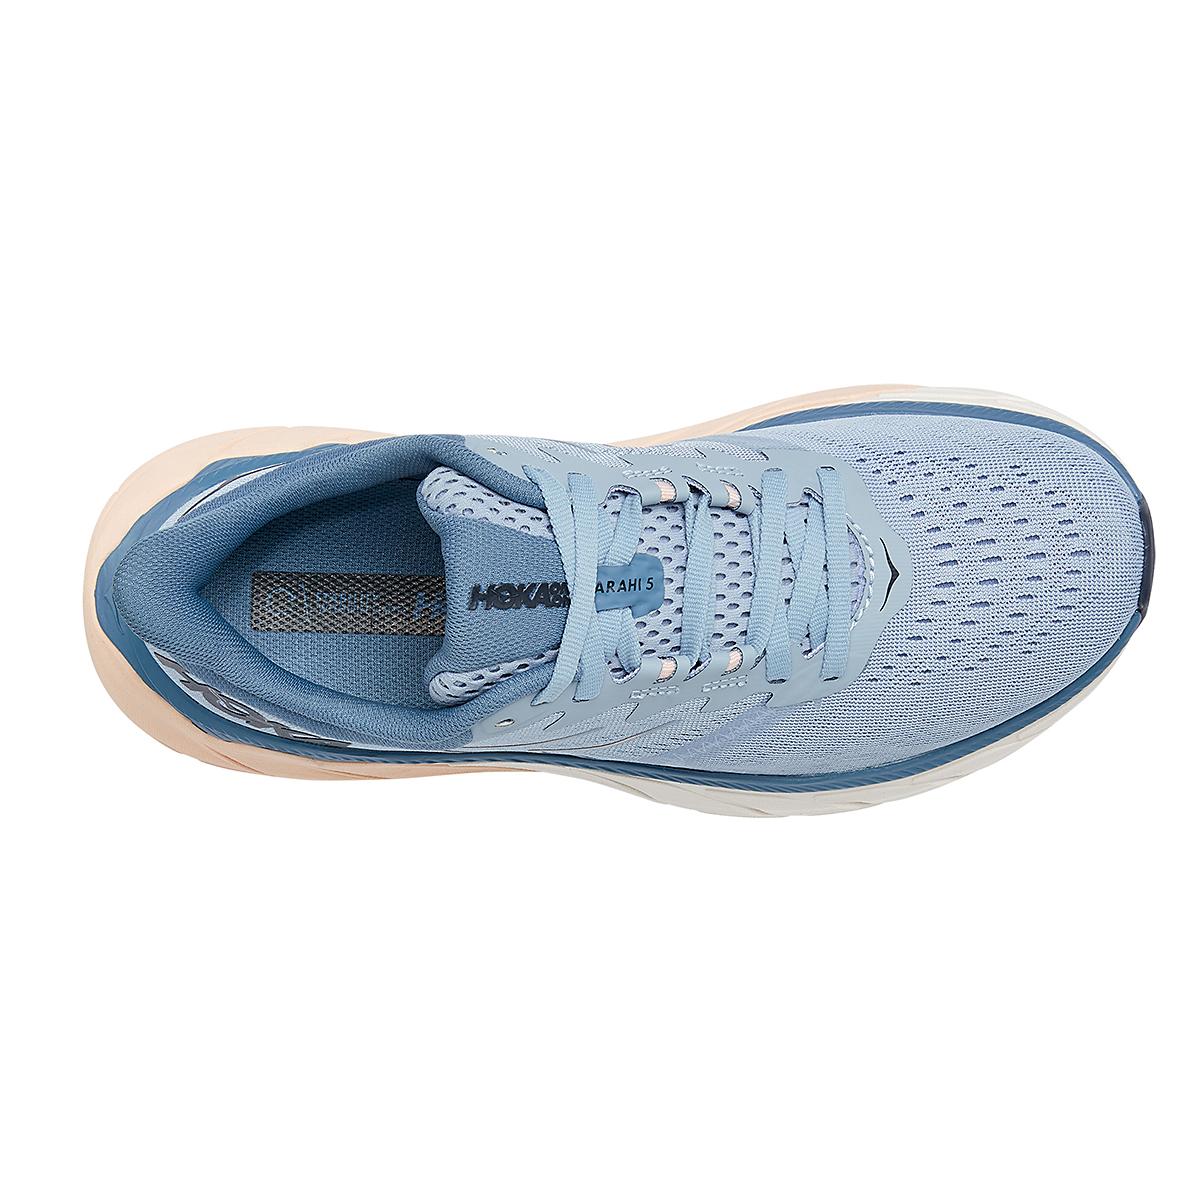 Women's Hoka One One Arahi 5 Running Shoe, , large, image 2